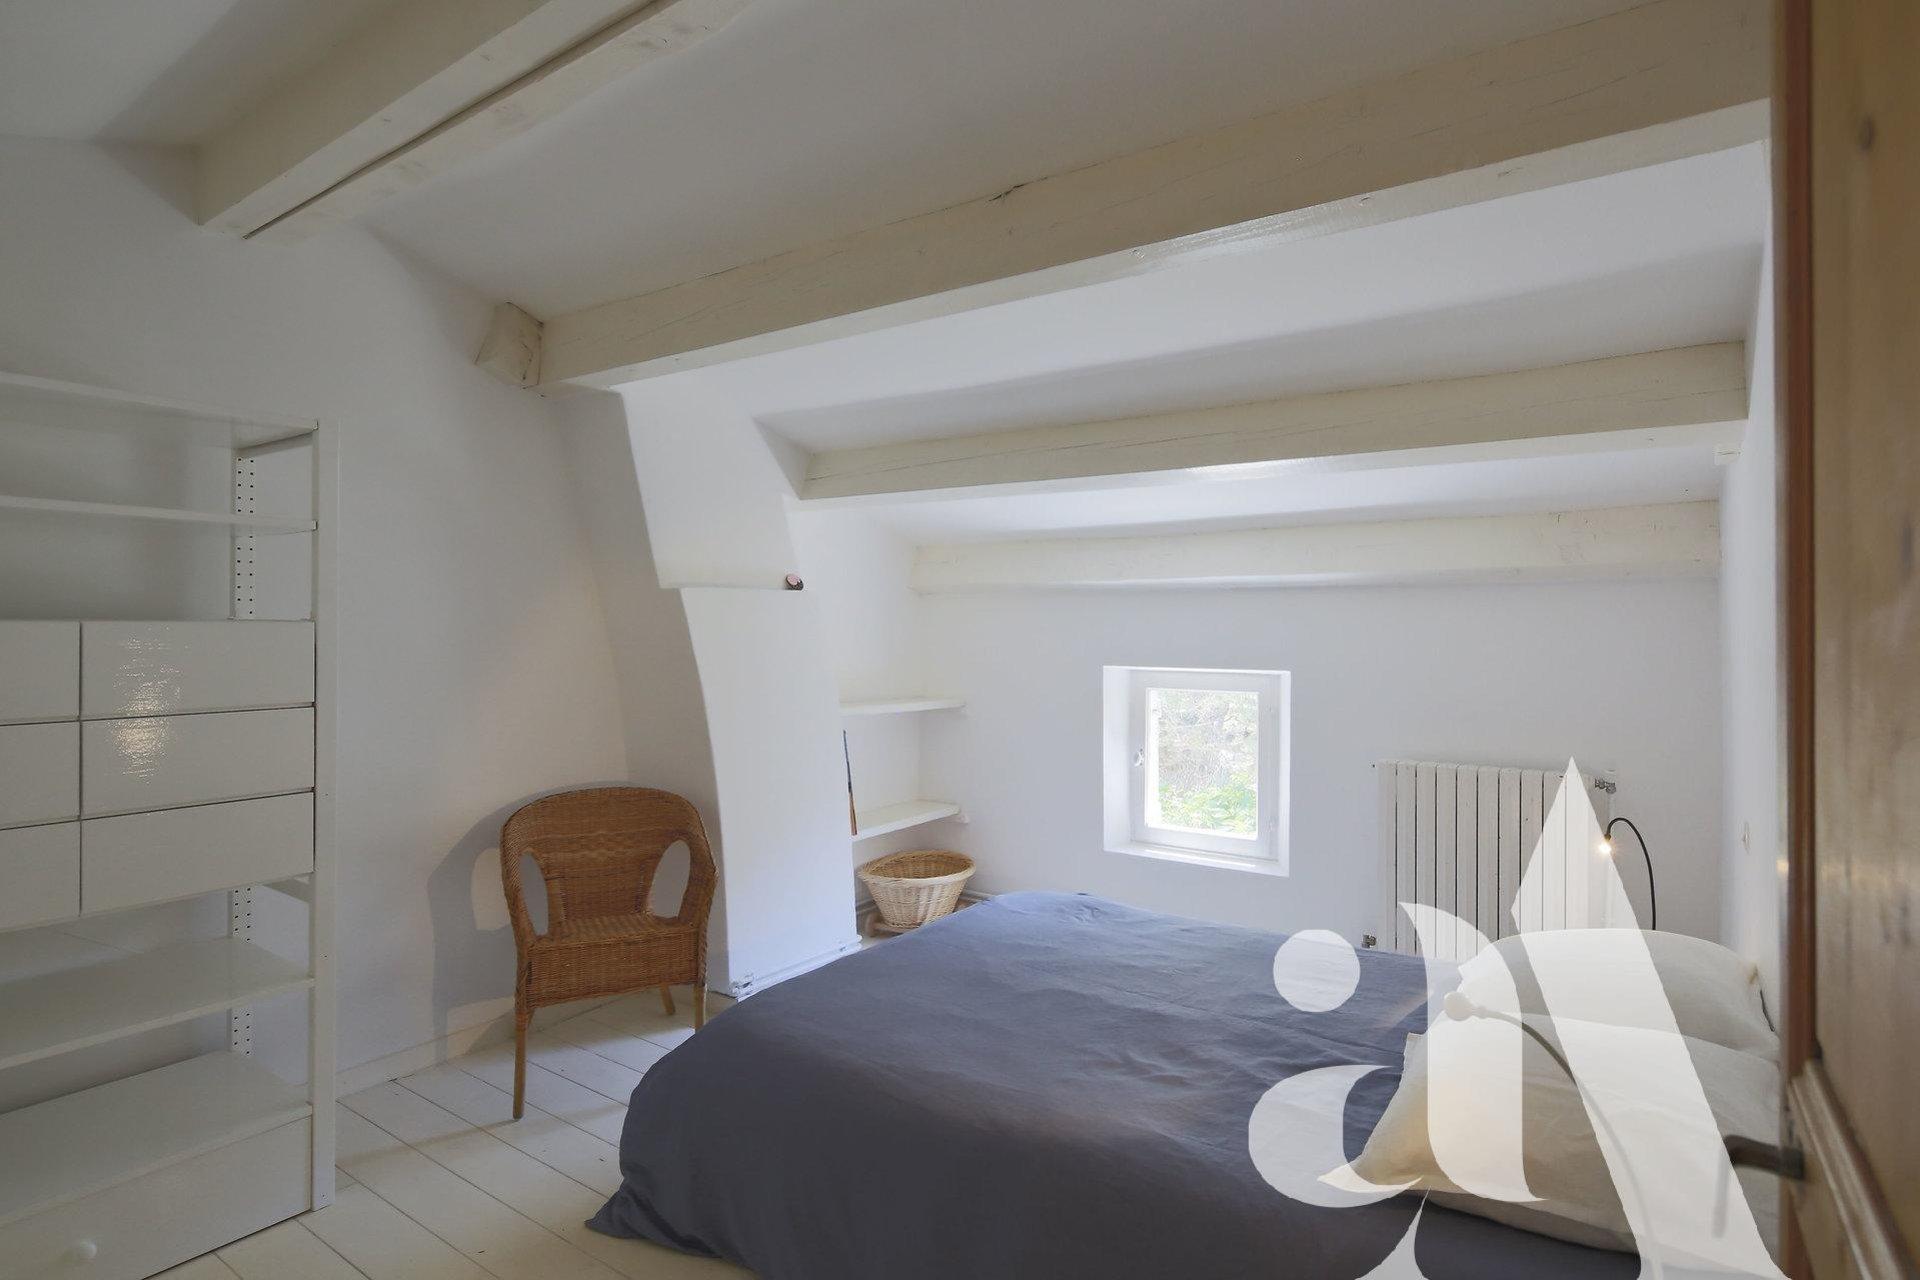 MAS HARMONIE - Saint-Remy de Provence - Alpilles- 5 CHAMBRES - 10 PERSONNES